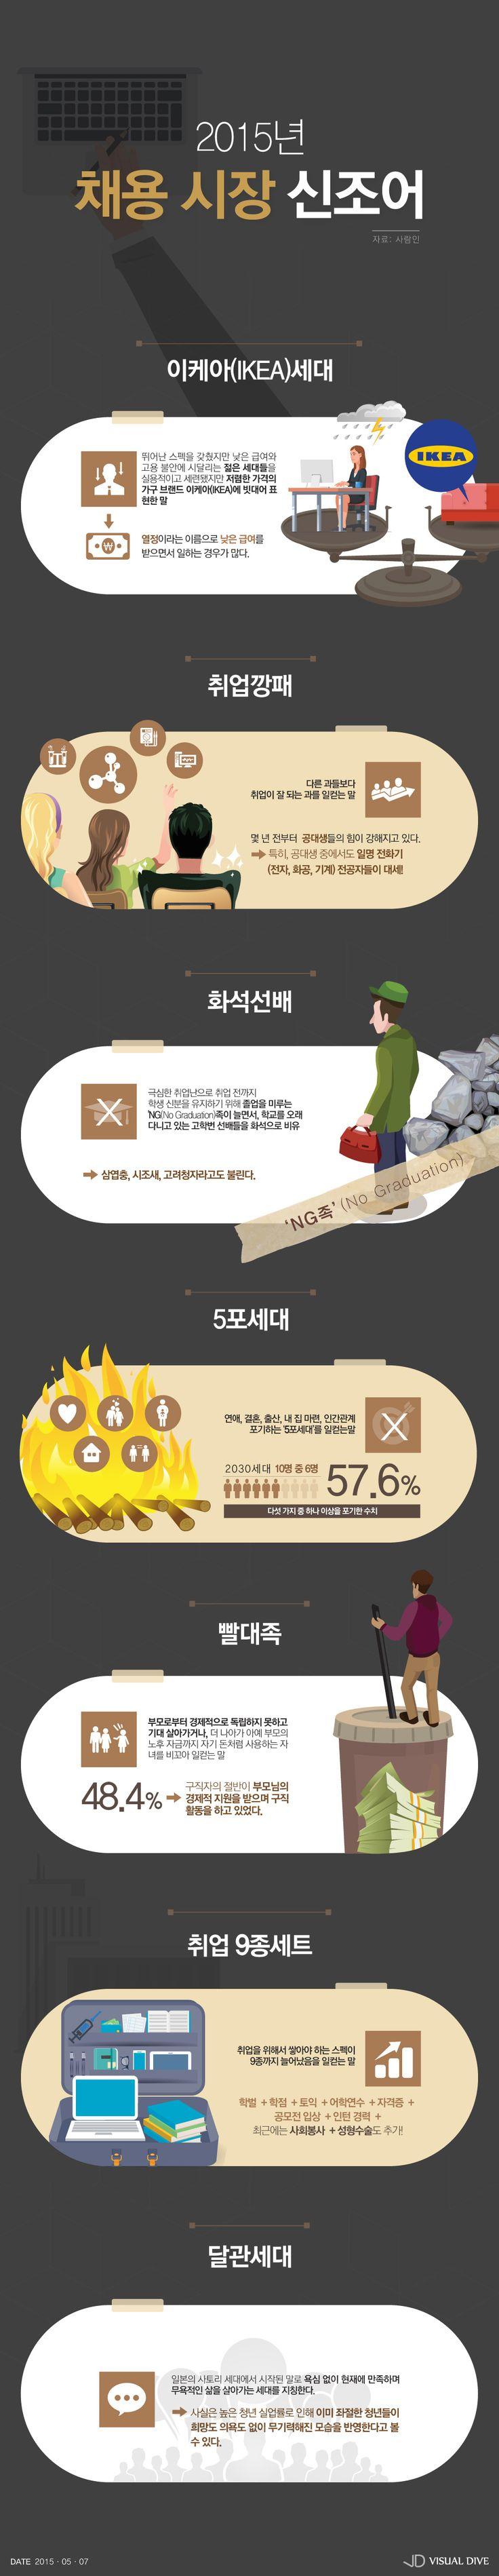 '이케아 세대·취업깡패·빨대족'…씁쓸한 2015 채용시장 신조어 [인포그래픽] #recruit / #Infographic ⓒ 비주얼다이브 무단…